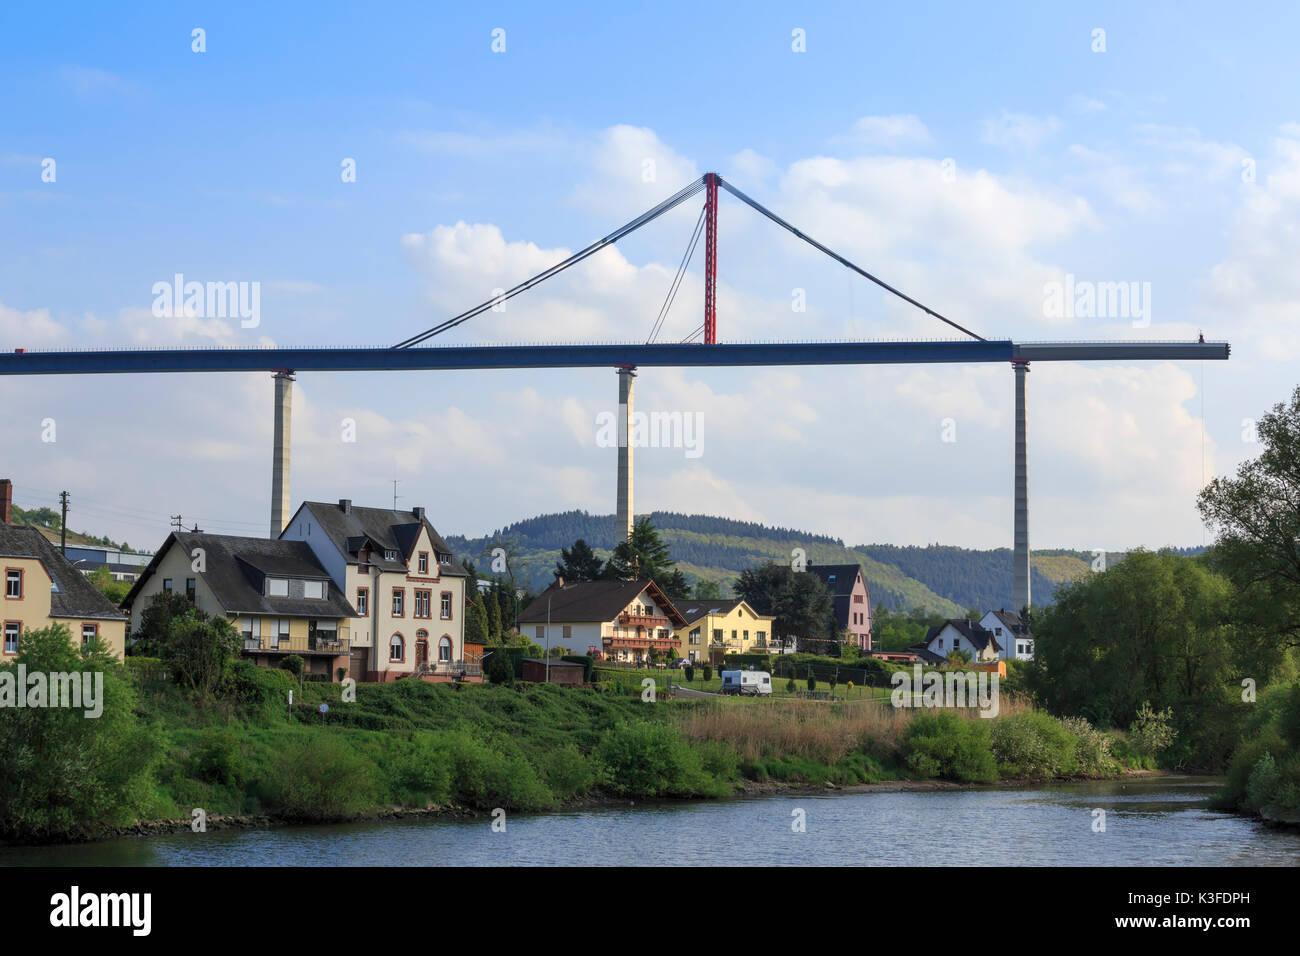 Hochmoselbruecke, High Moselle Bridge, under construction between Uerzig and Zeltingen-Rachtig, Rhineland-Palatinate, Germany - Stock Image